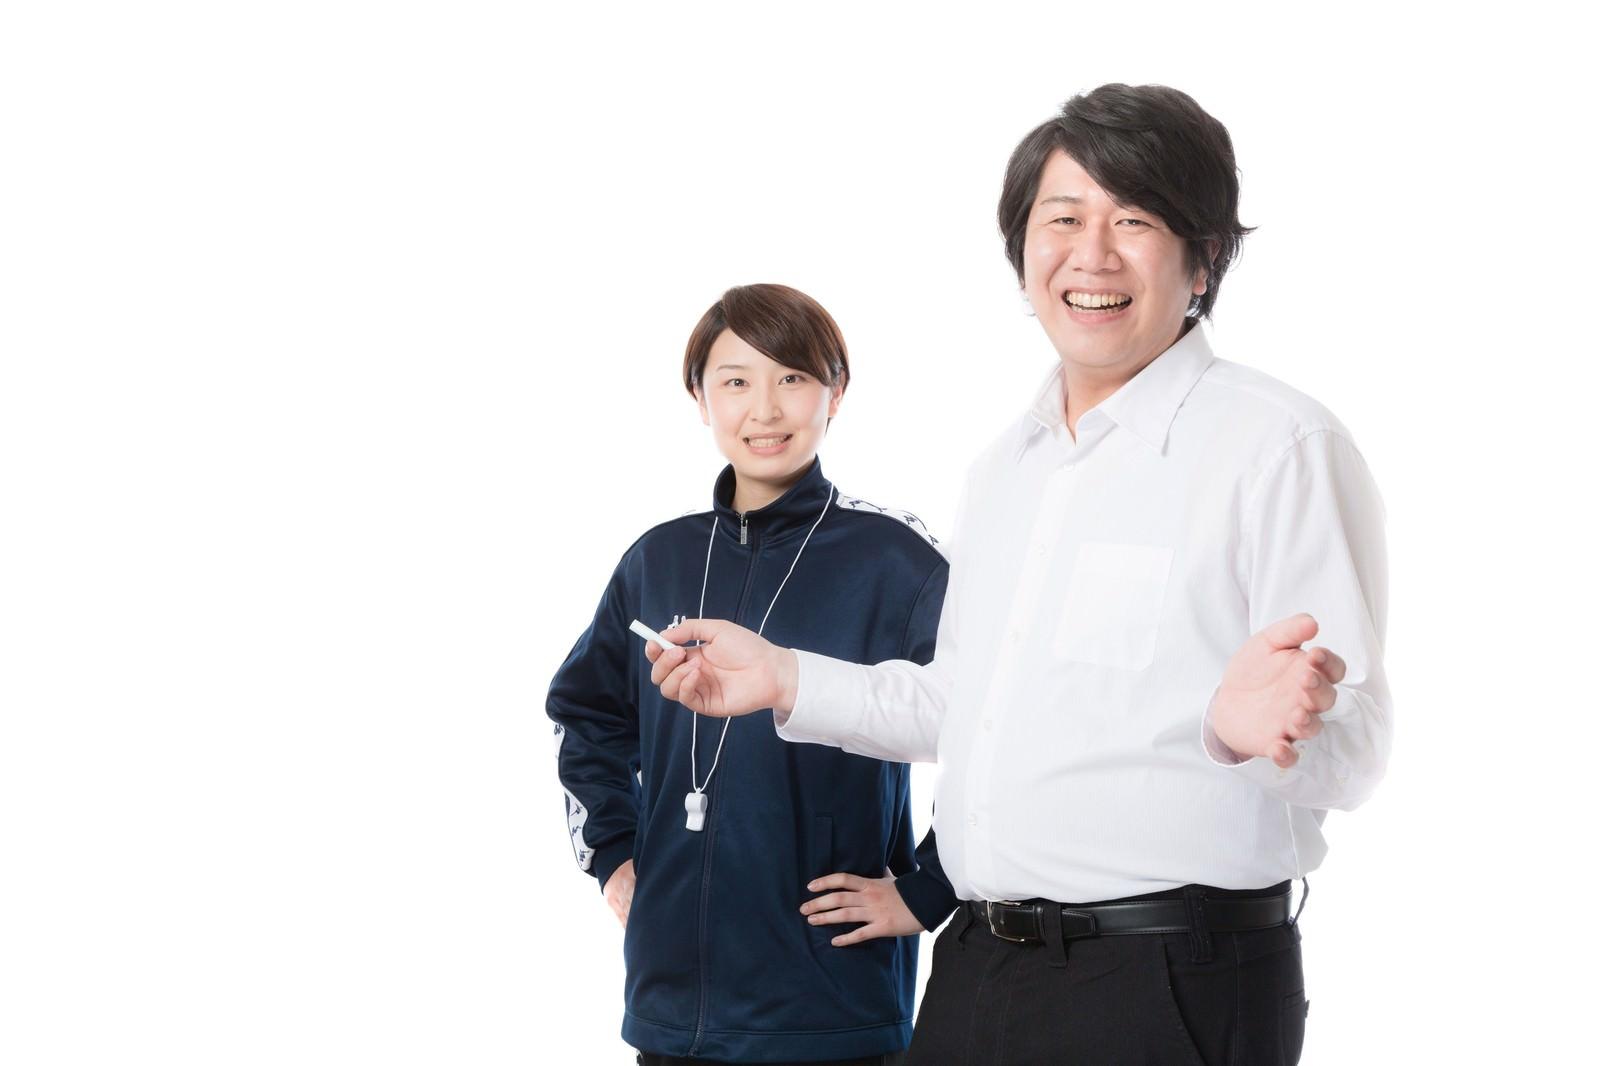 「教育現場で活躍する学校教員」の写真[モデル:八木彩香 あまのじゃく]